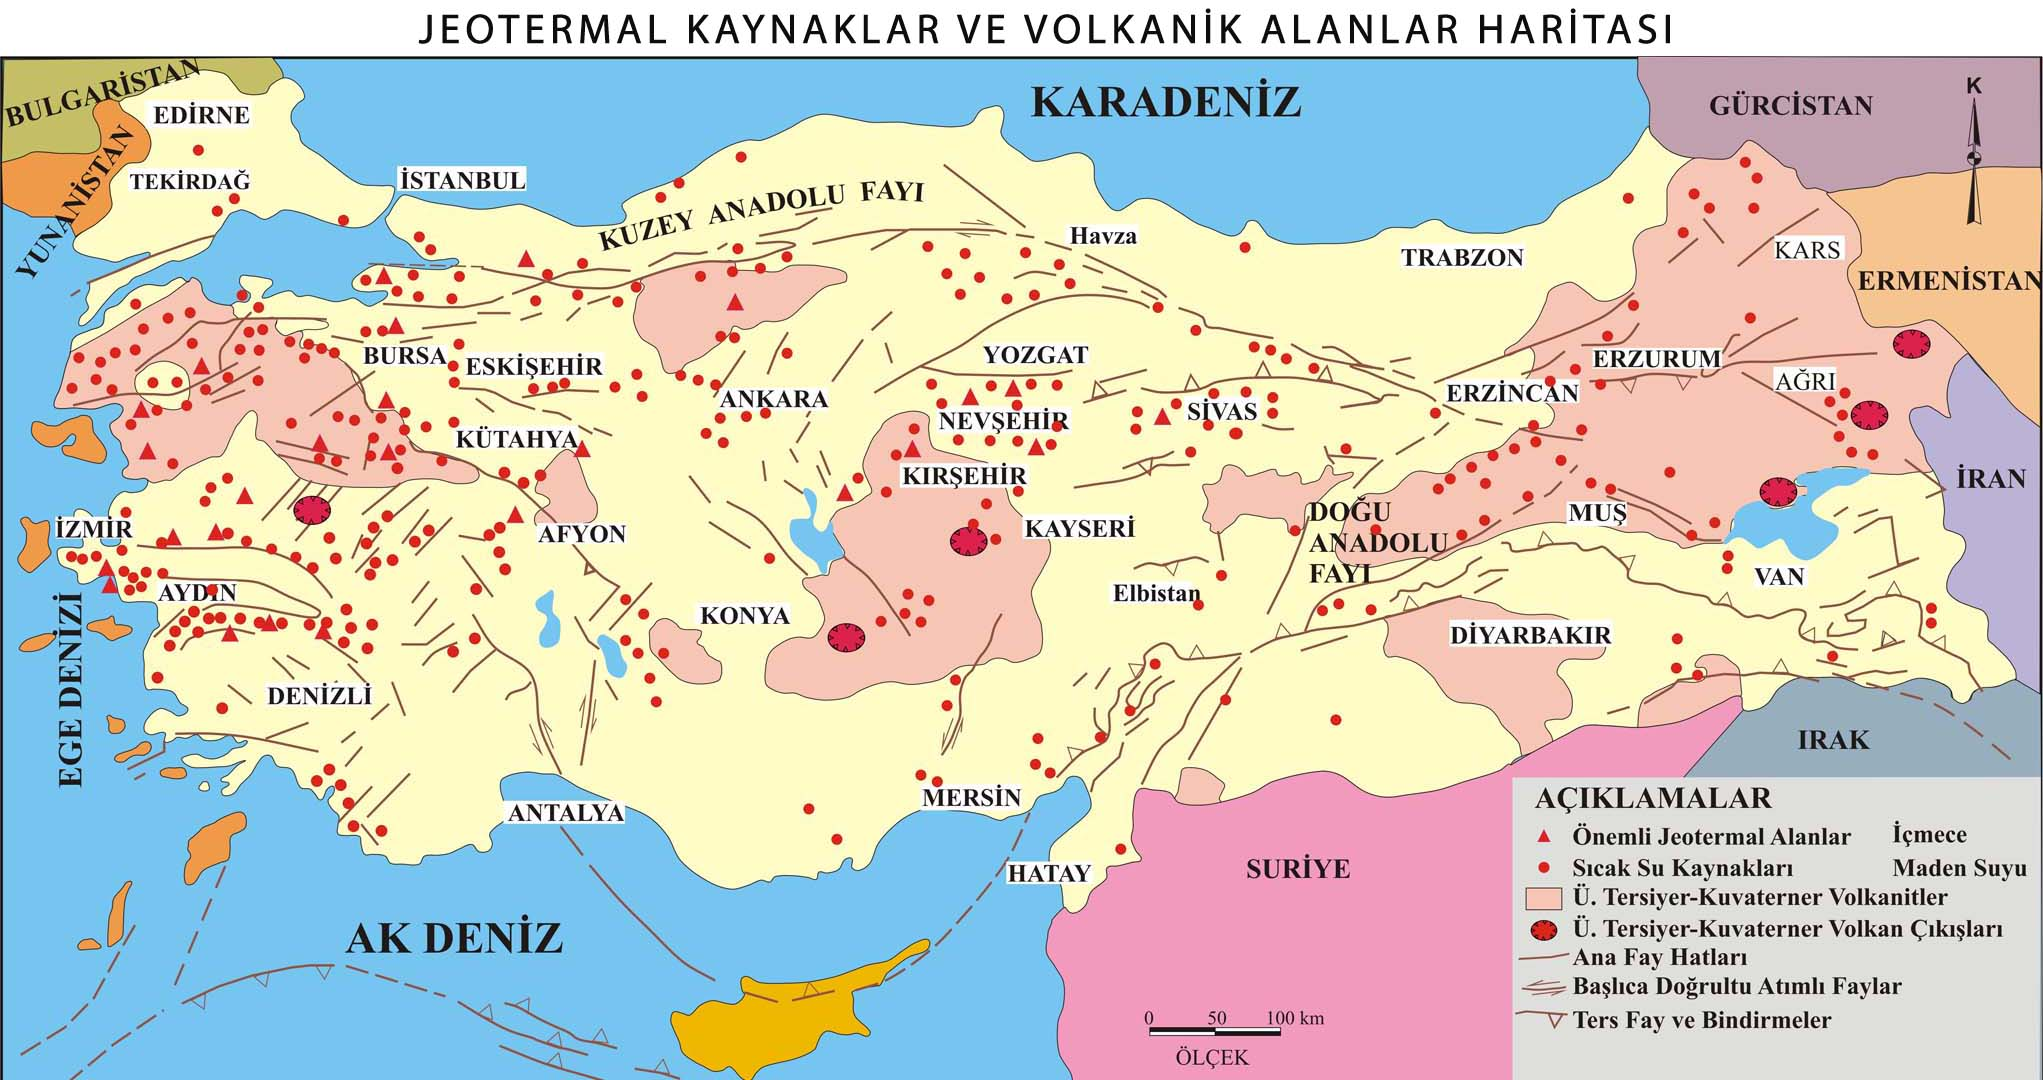 Jeotermal Kaynaklar ve  Volkanik Alanlar Haritası